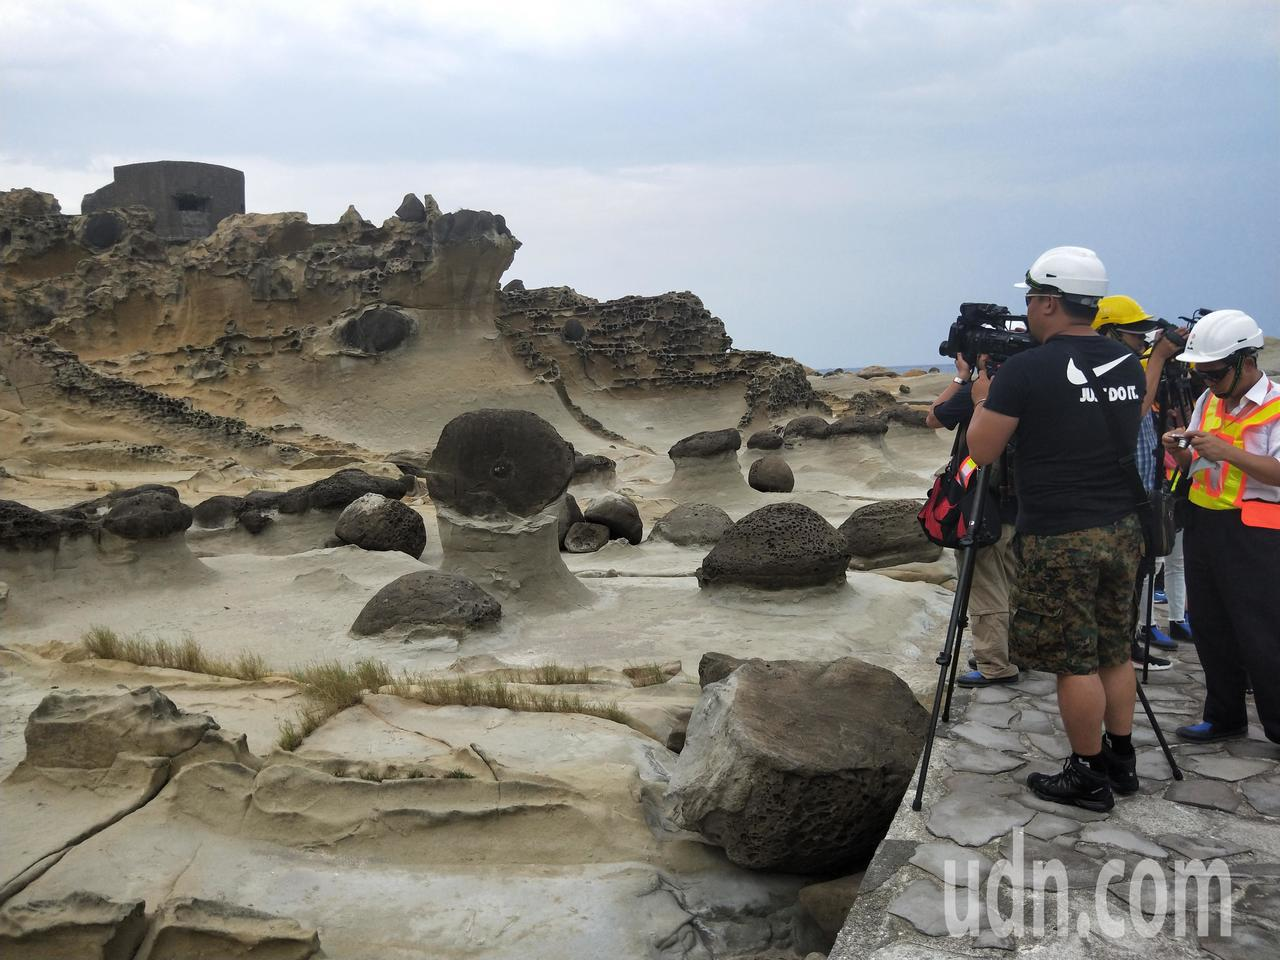 基隆市和平島公園地質景觀豐富,充滿著各式各樣的奇岩異石,本周末正式開放。記者游明...